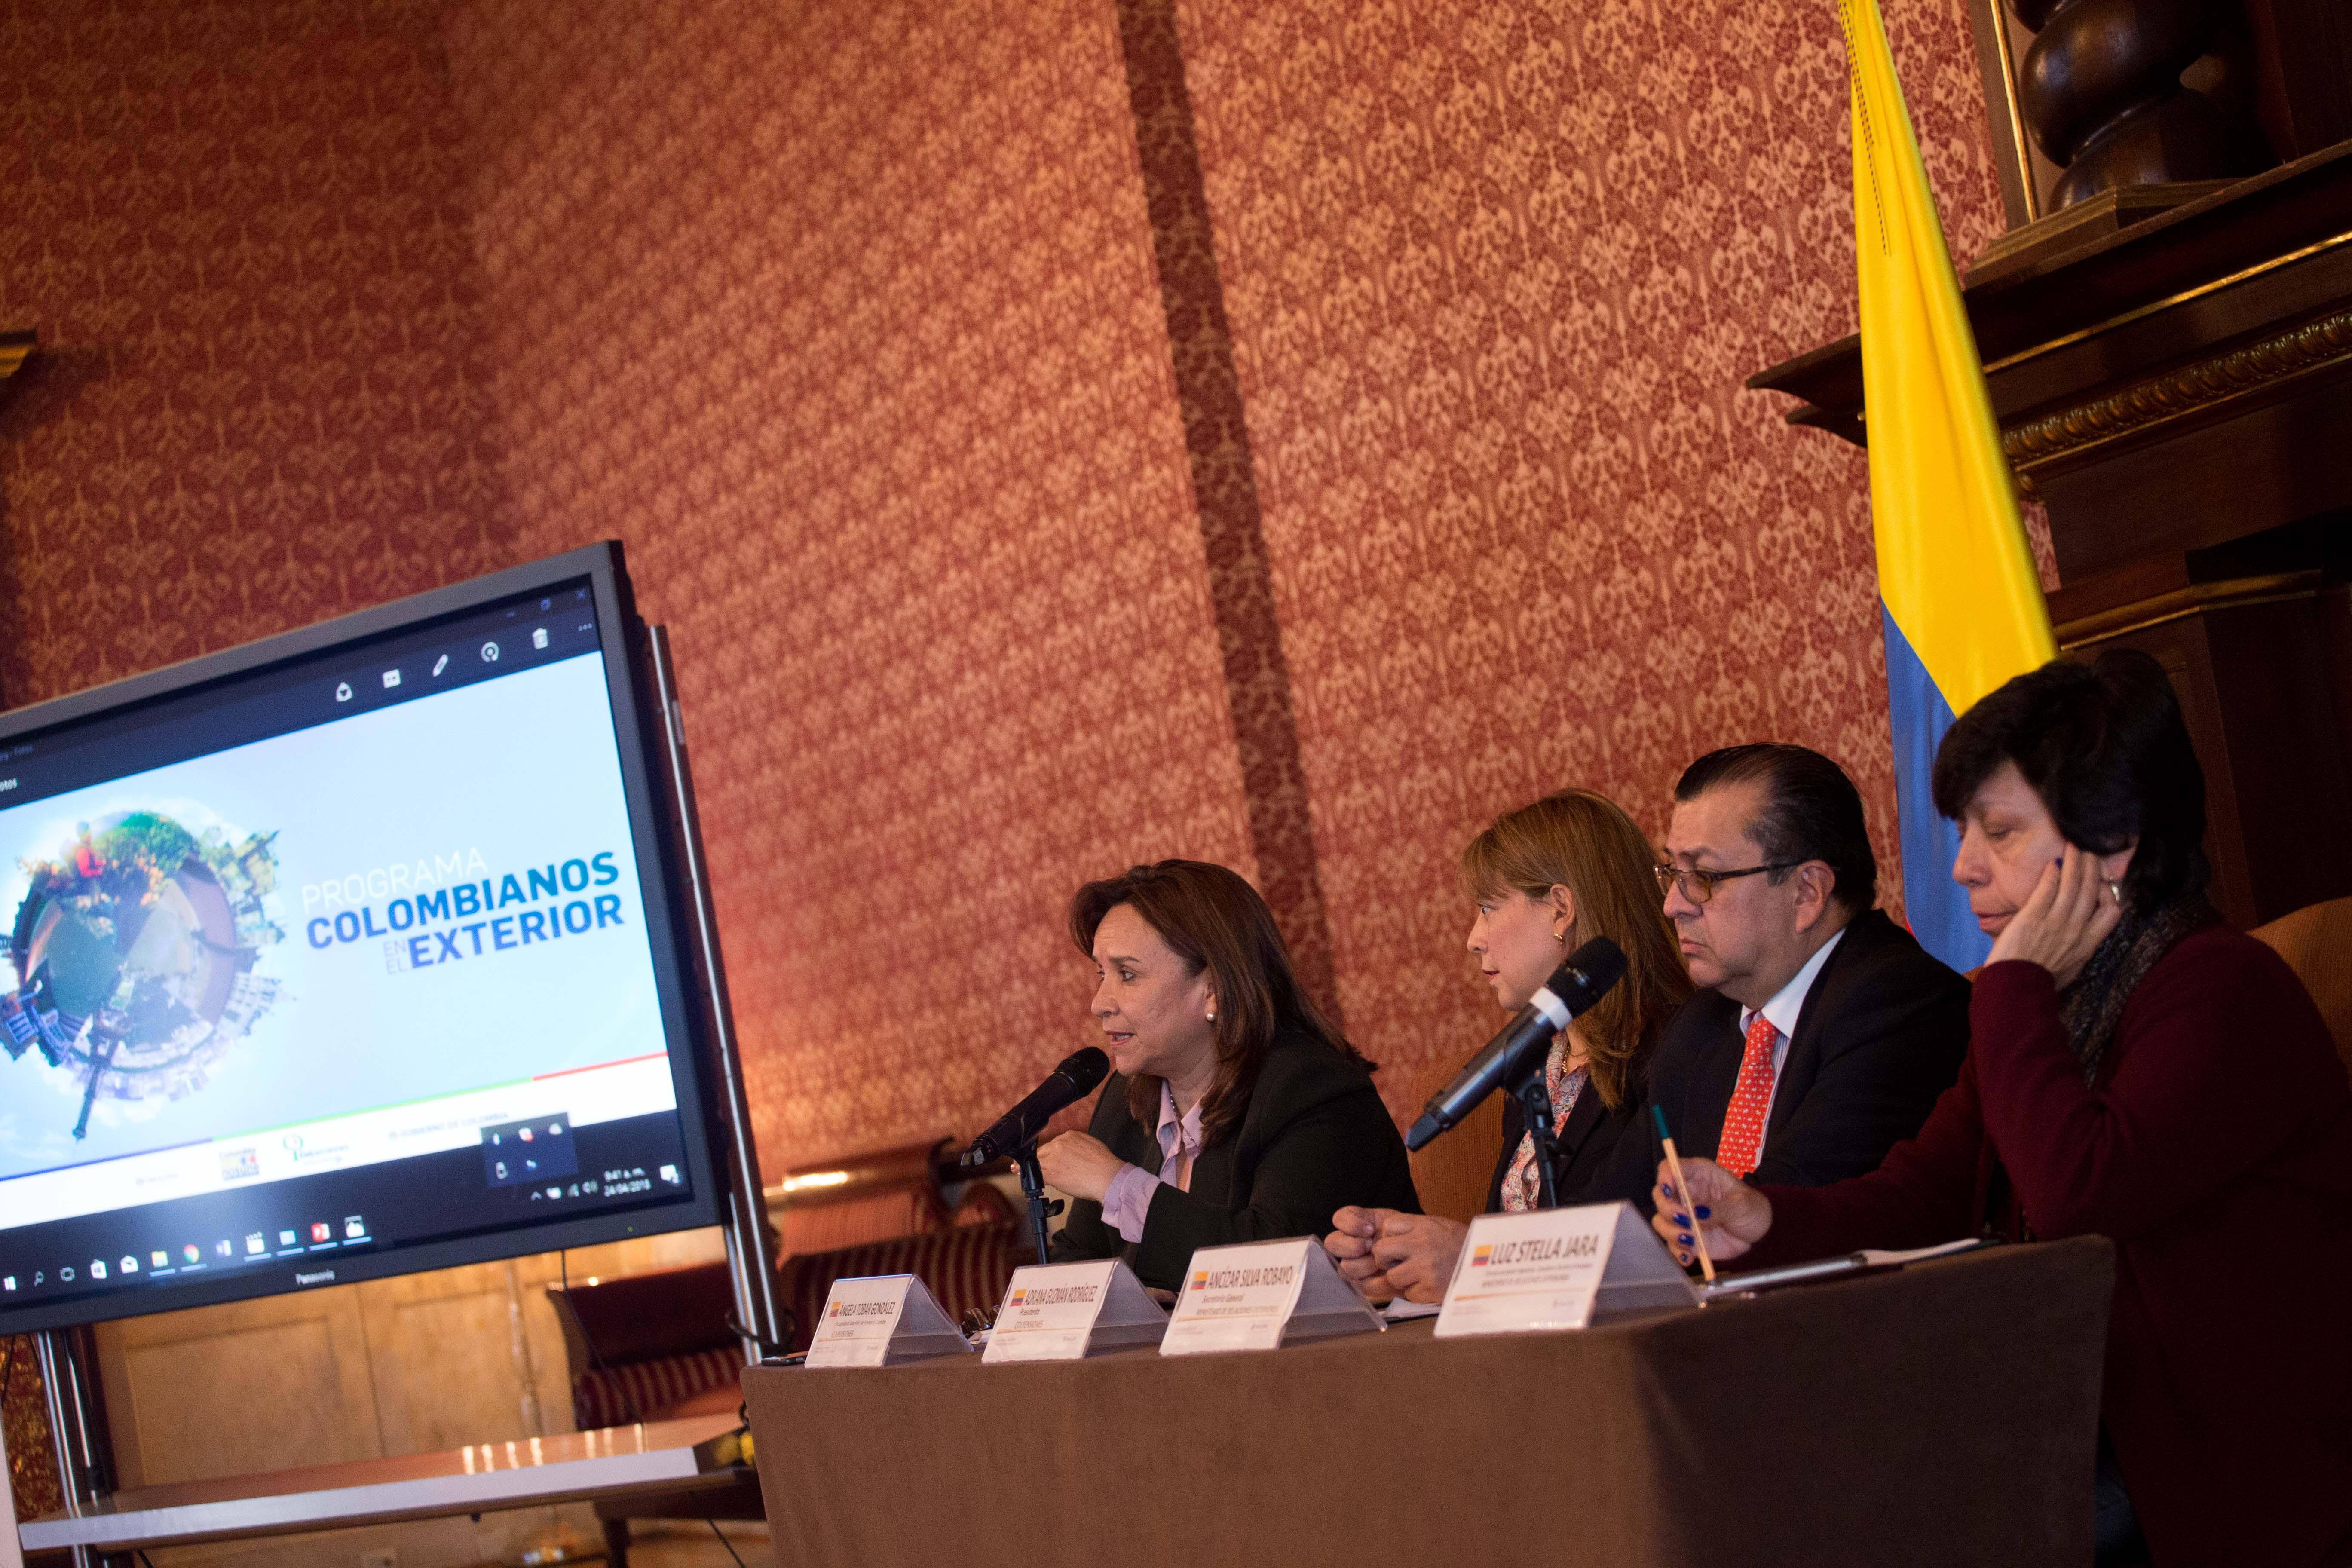 Consulado de colombia en par s Colpensiones colombianos en el exterior